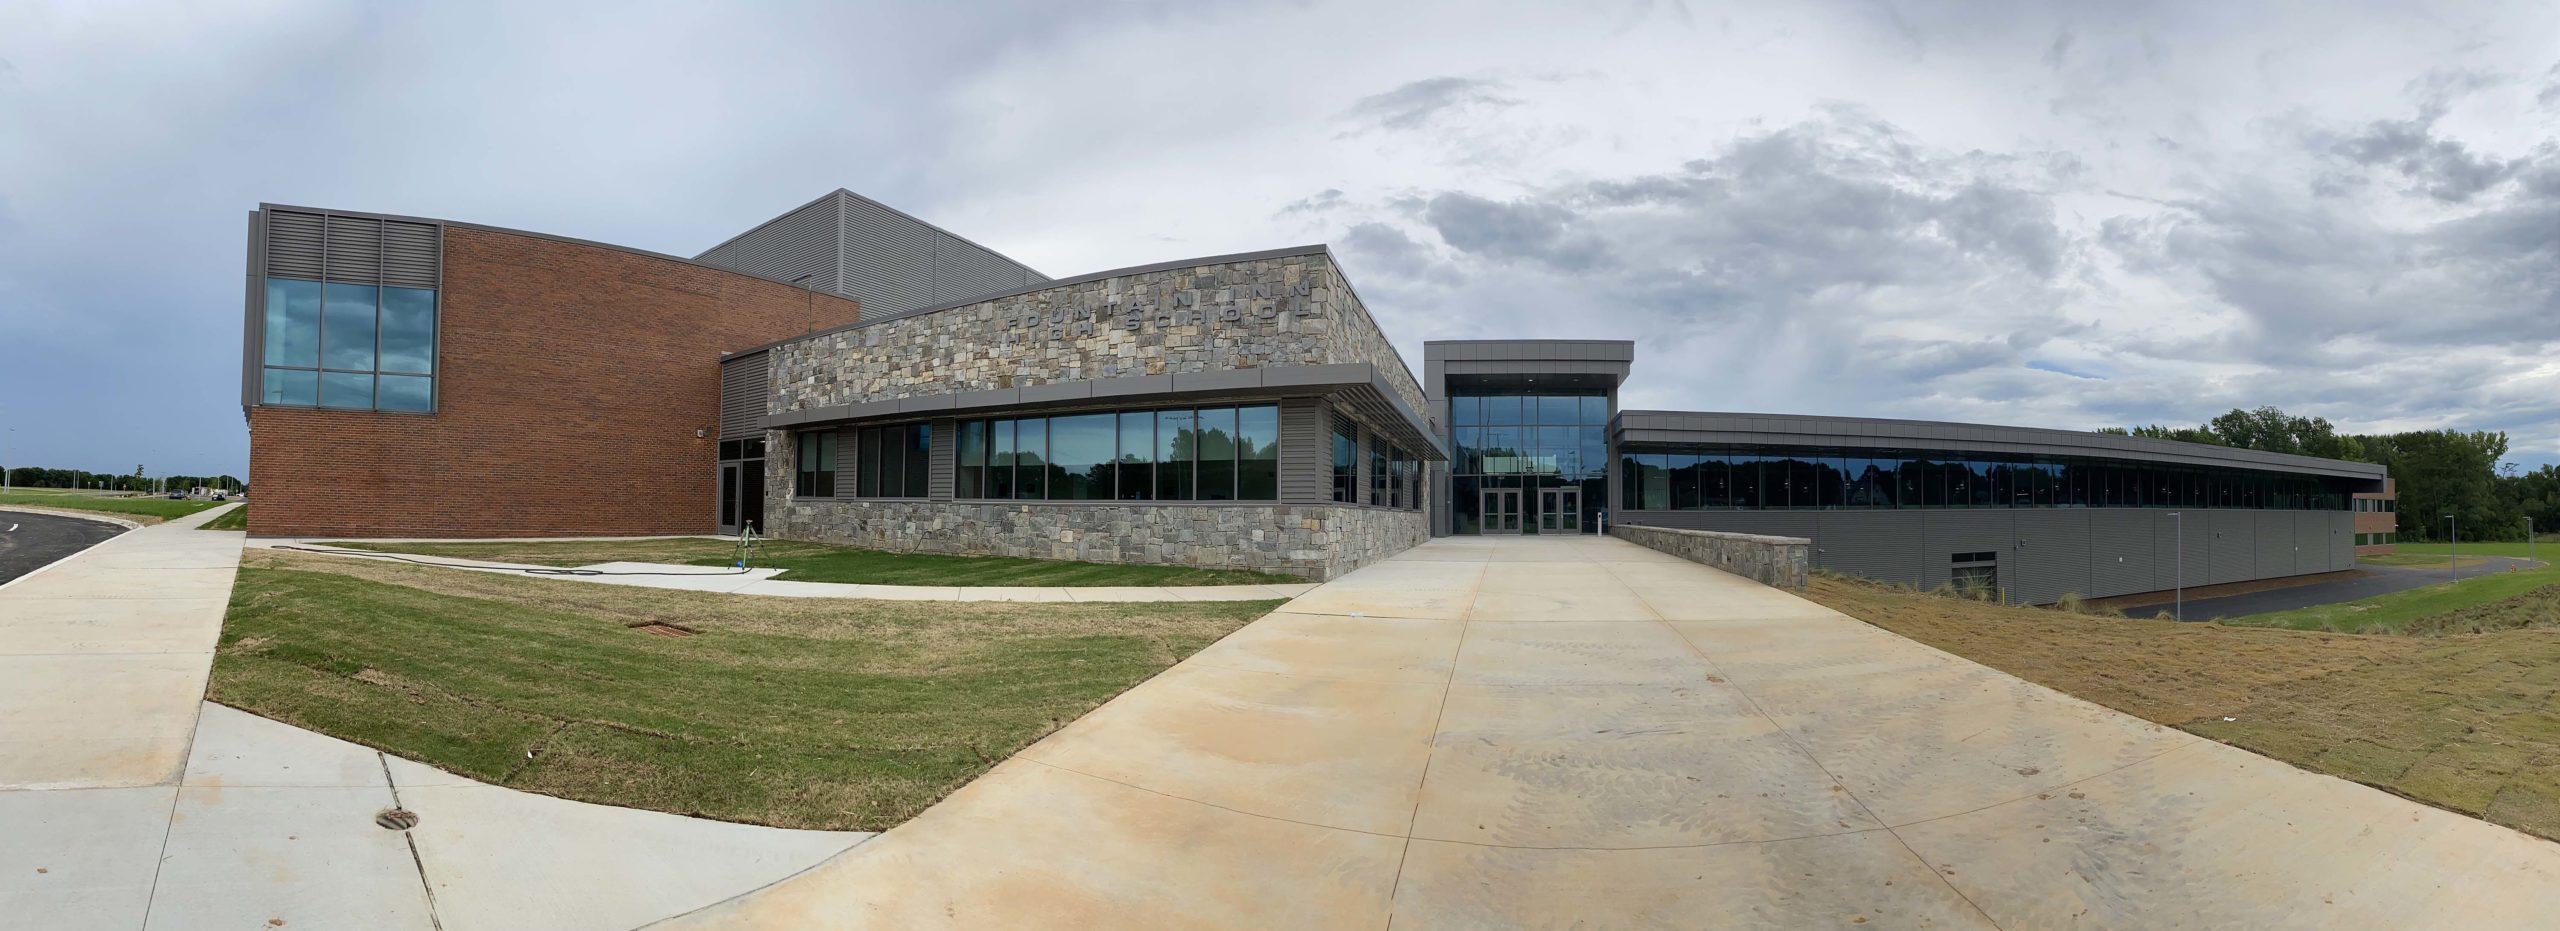 Fountain Inn High School panorama